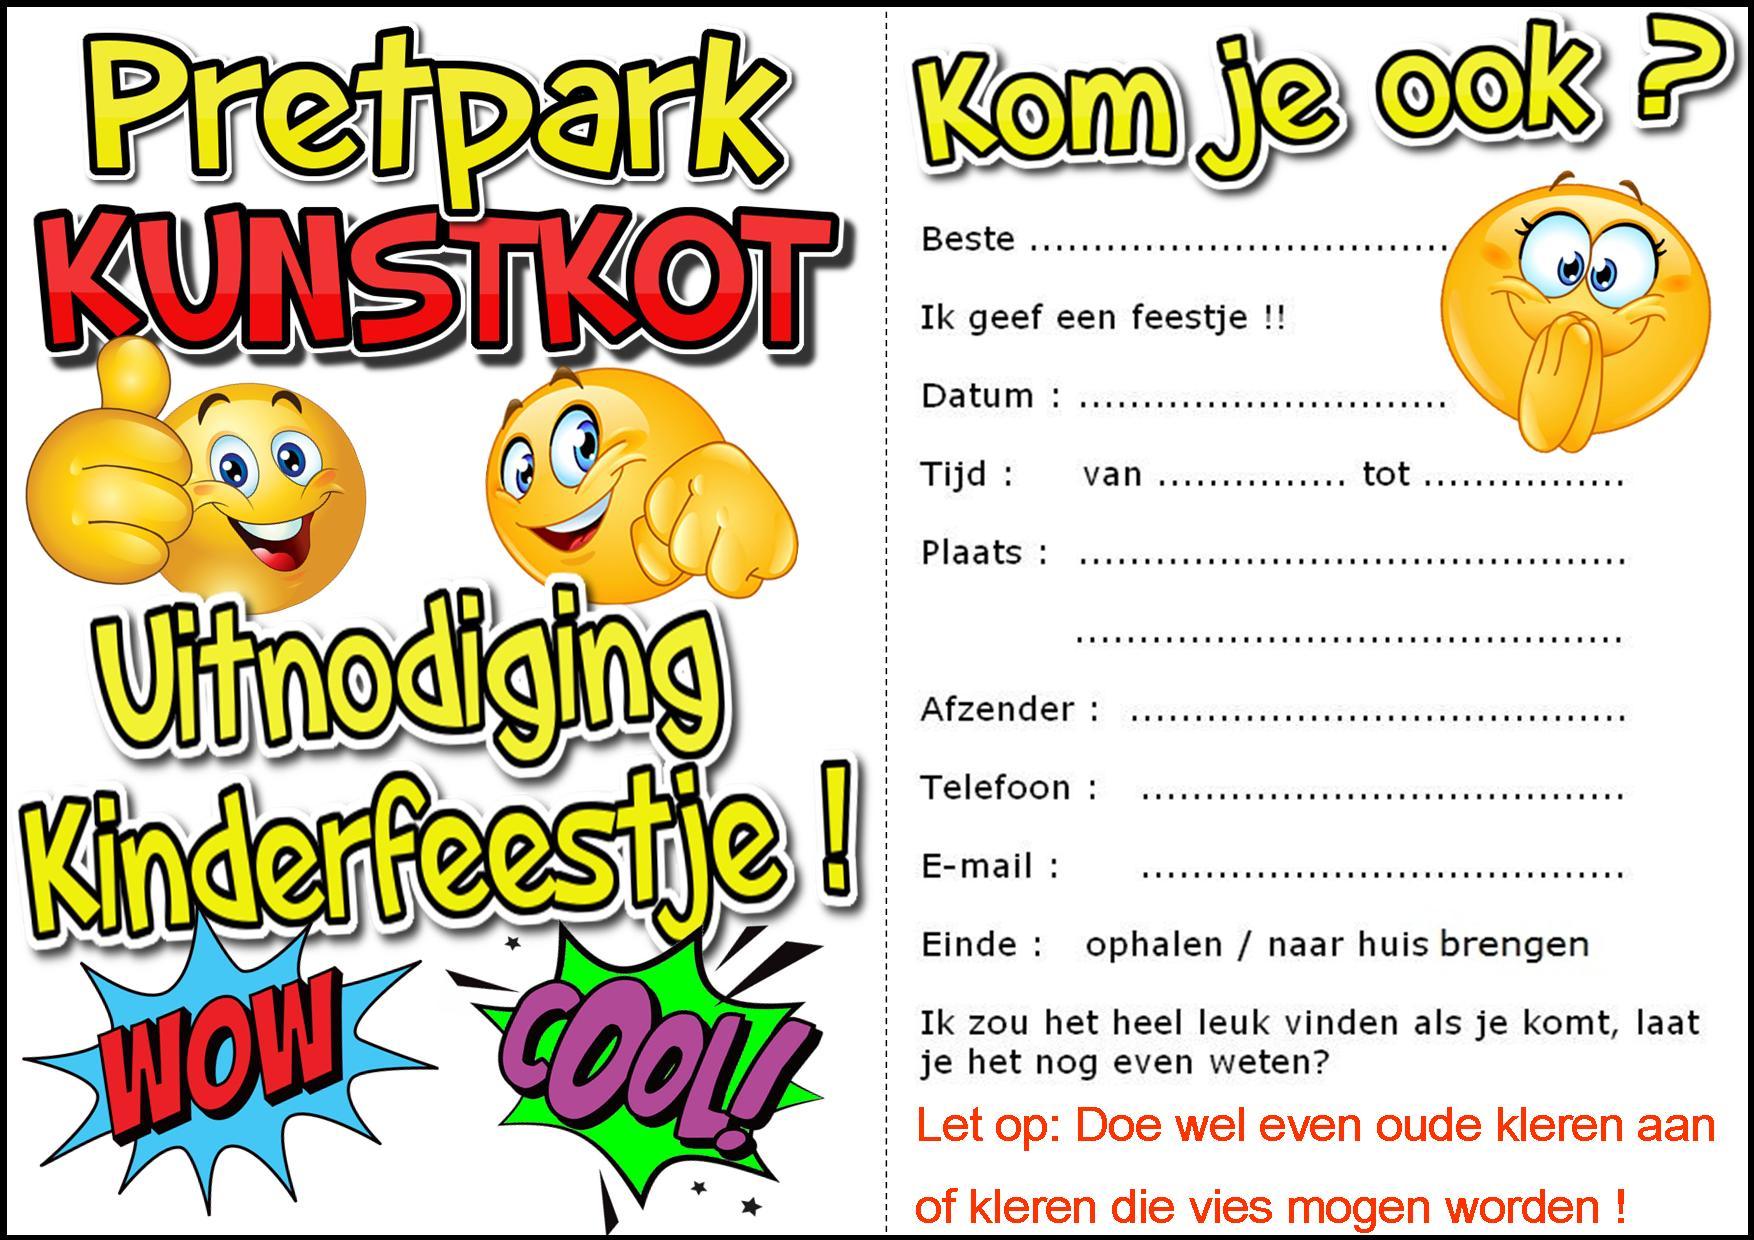 Overzicht Kinderfeestjes Groningen Bij Pretpark Kunstkot De Droom